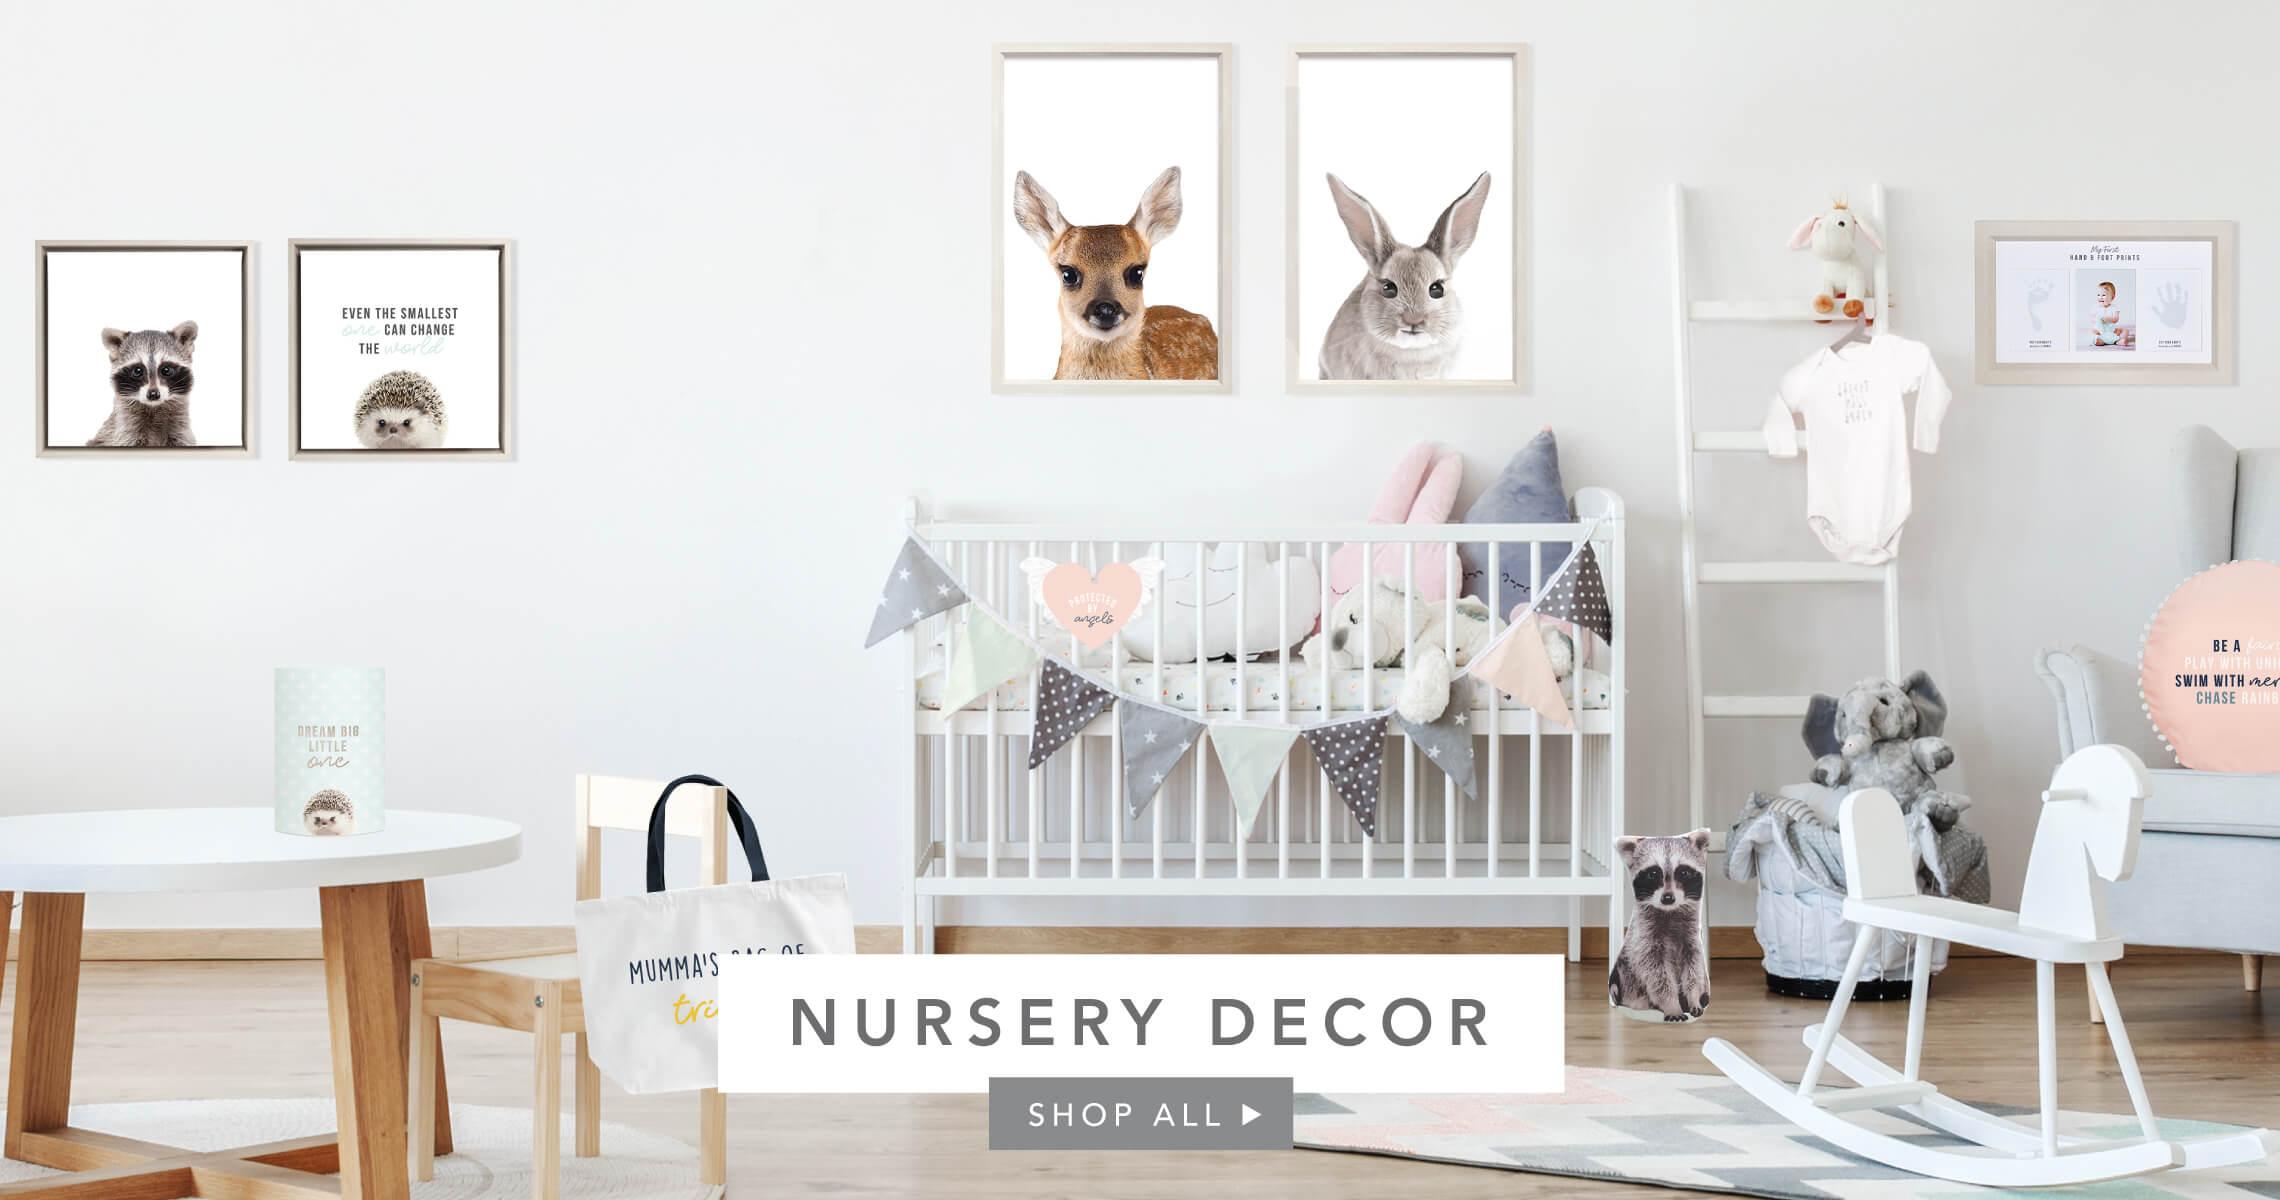 Shop all nursery decor